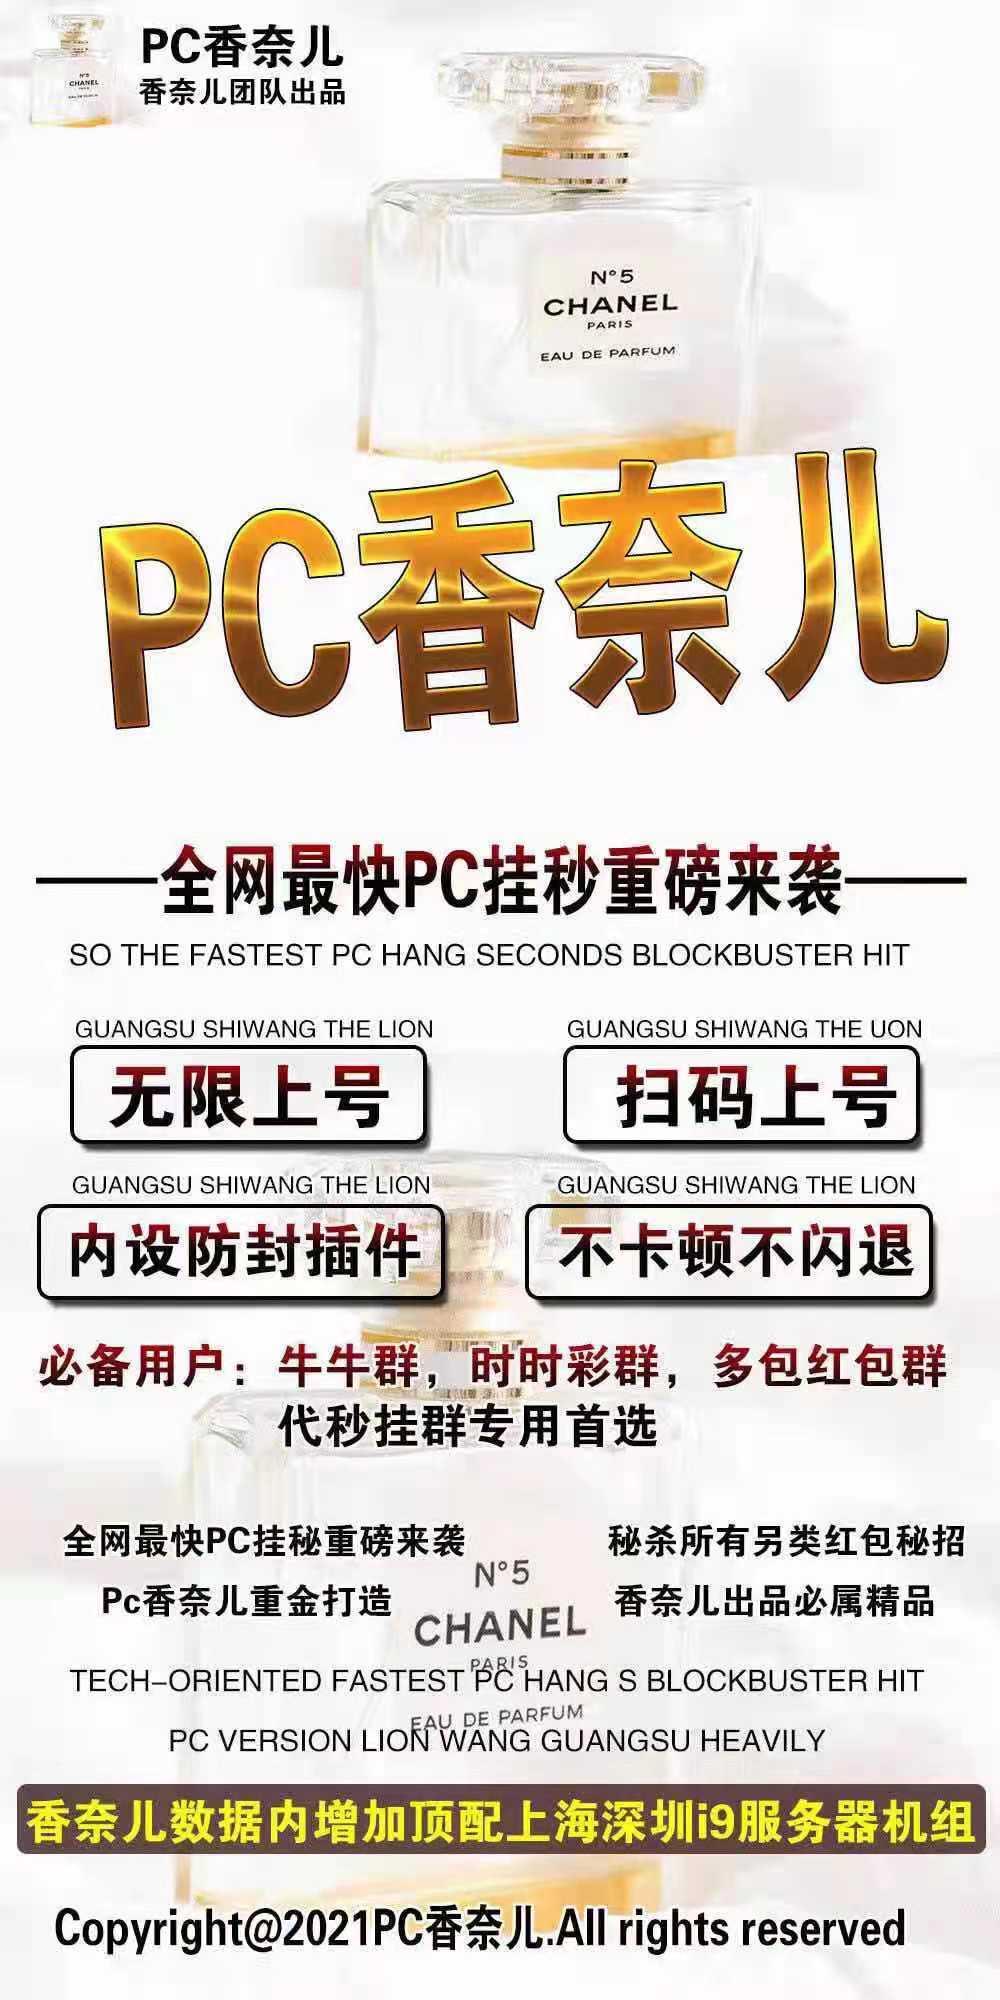 【PC香奈儿天卡】电脑版/微信双号扫尾